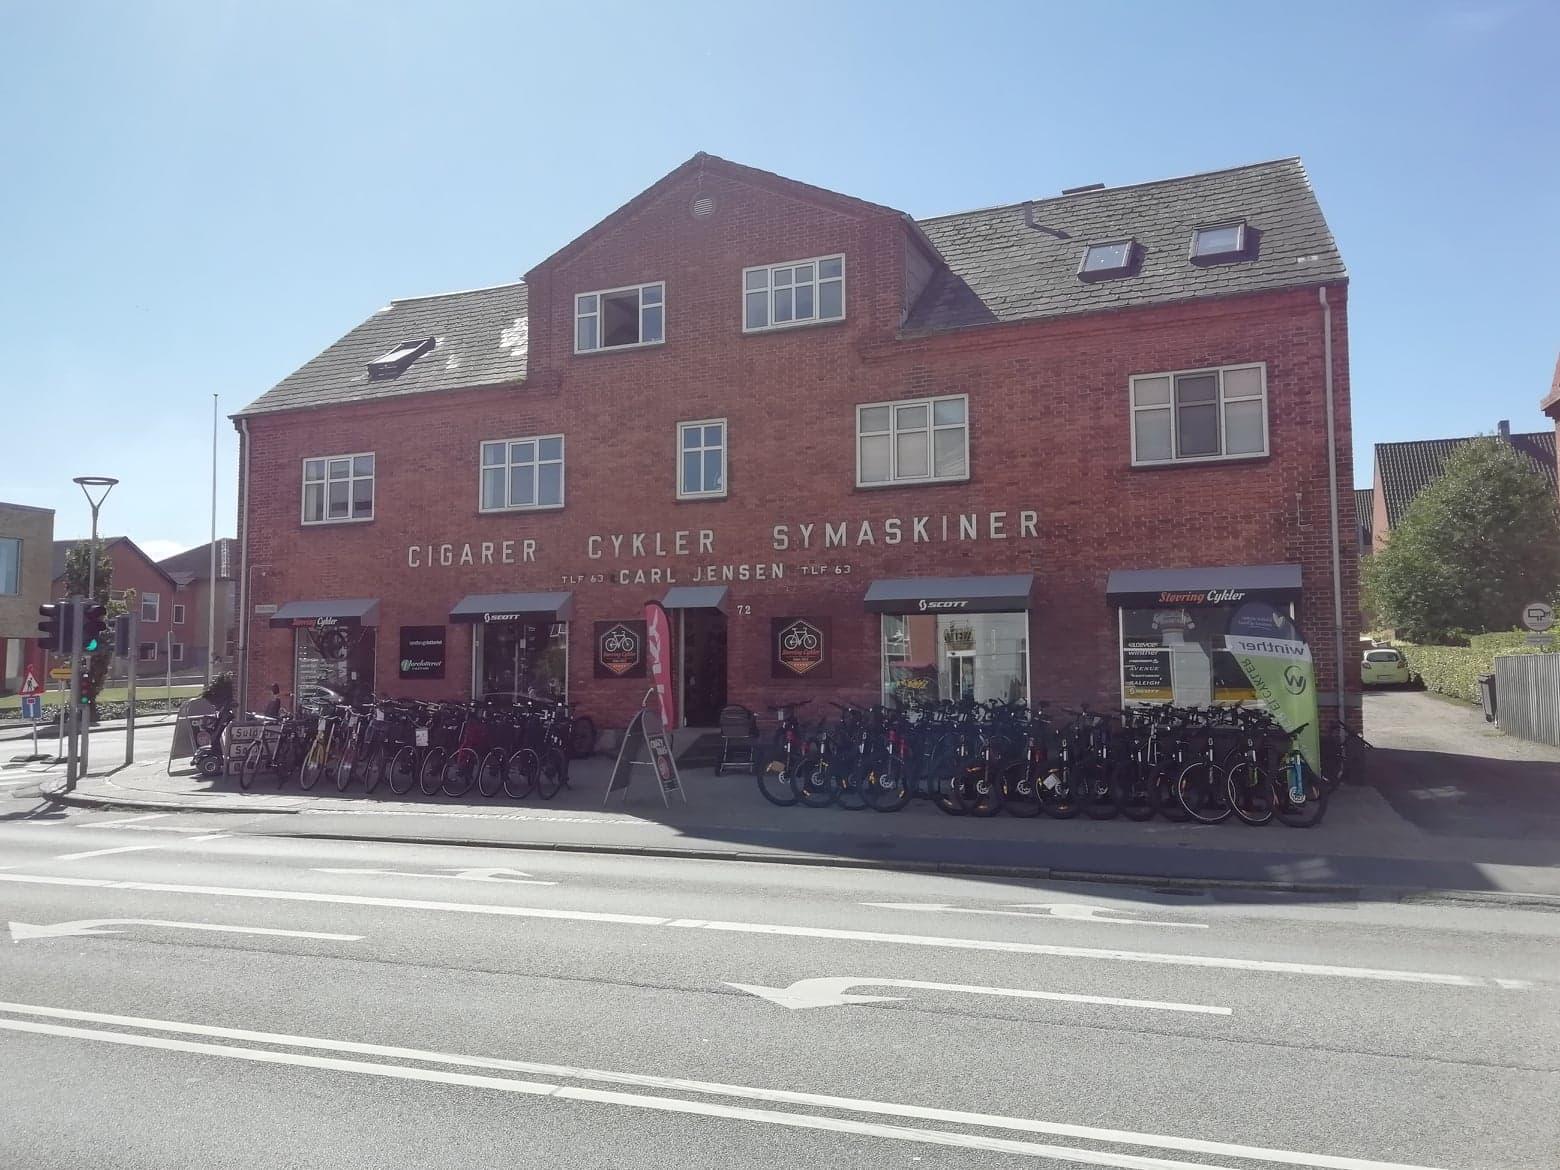 Cigarer, Cykler, Symaskiner - fronten af Støvring Cyklers butik